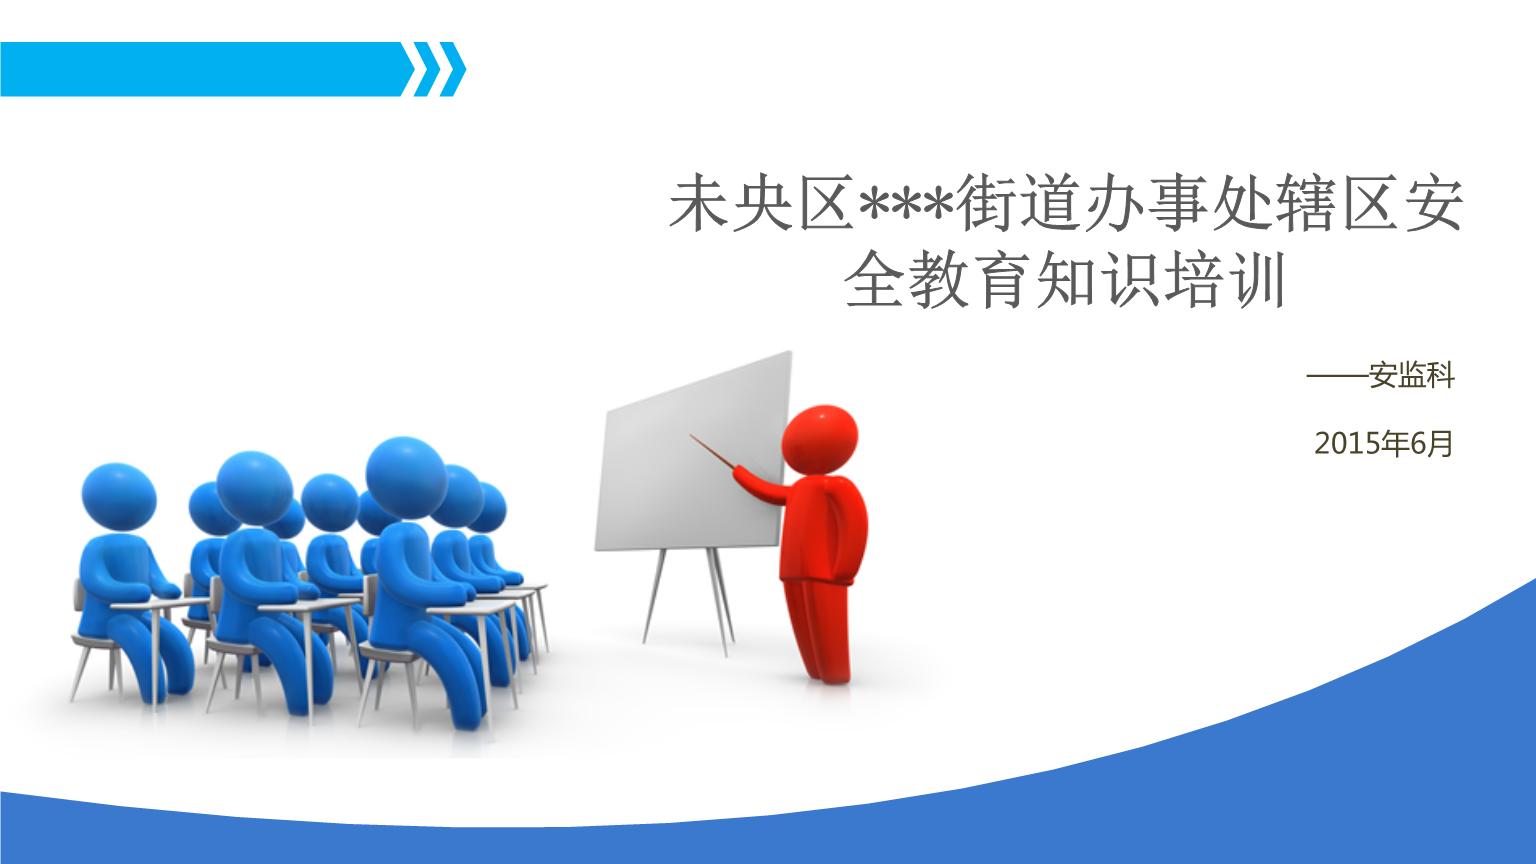 村 社区 安全教育培训分析报告.ppt